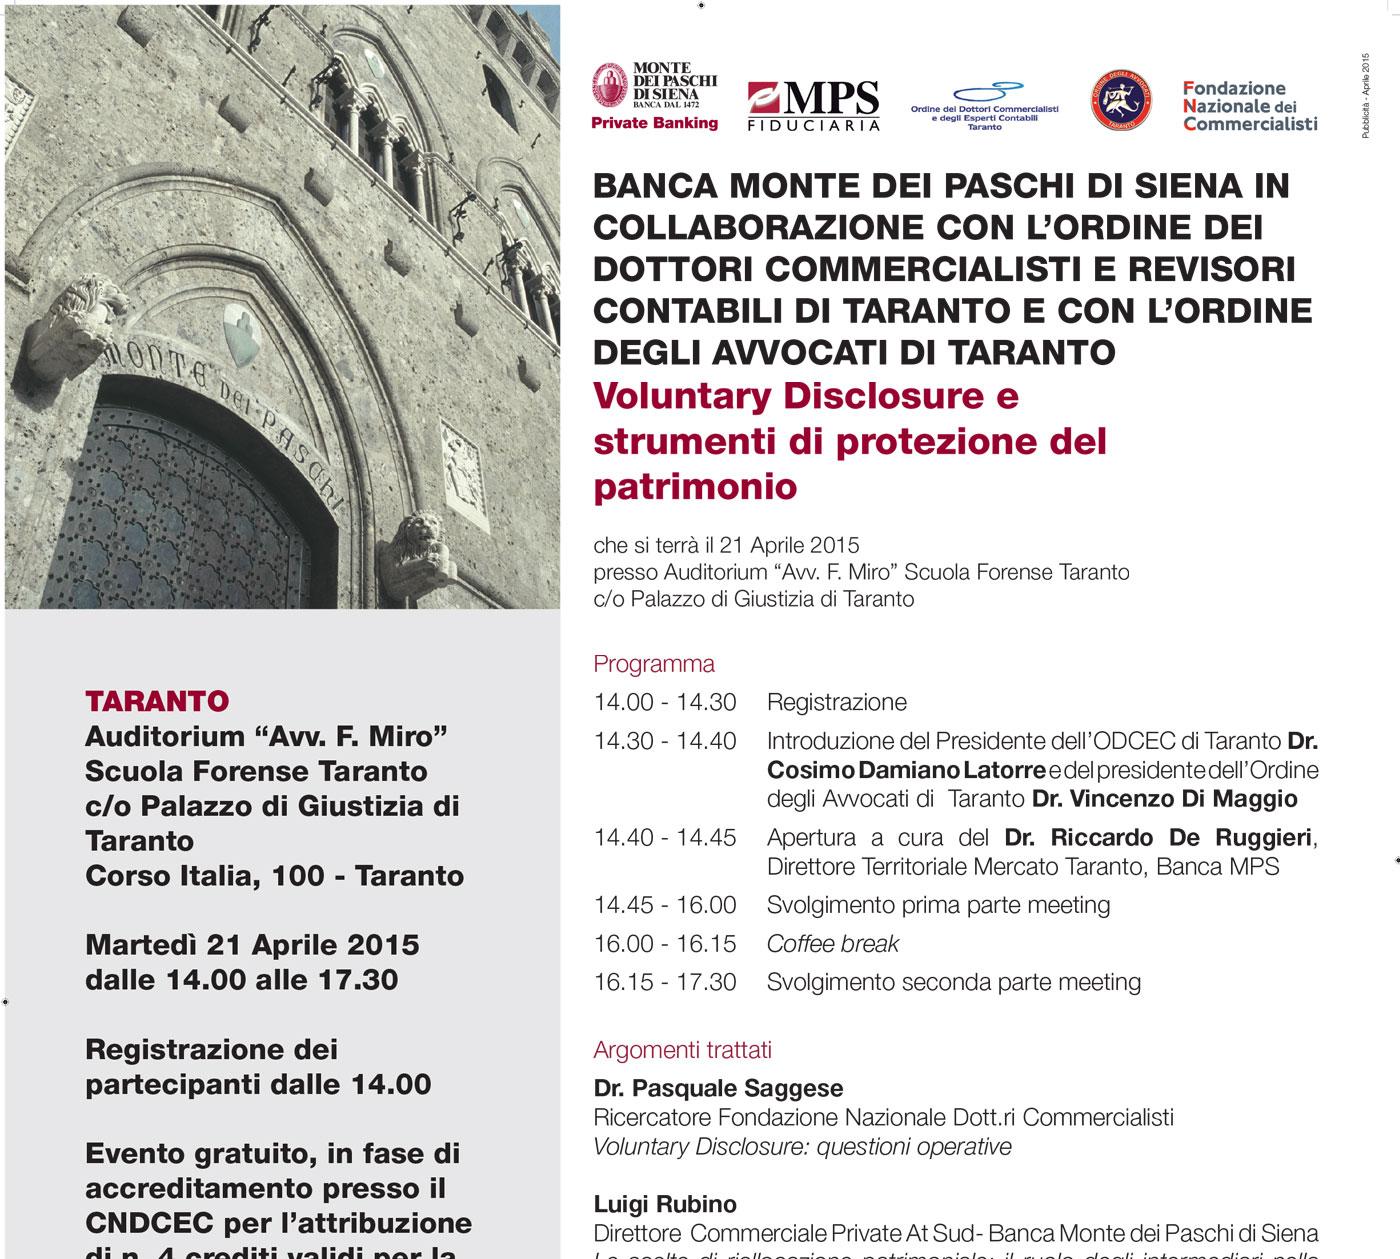 04-Trust-e-Voluntary-Disclosure-Convegno-Taranto-21-aprile-2015